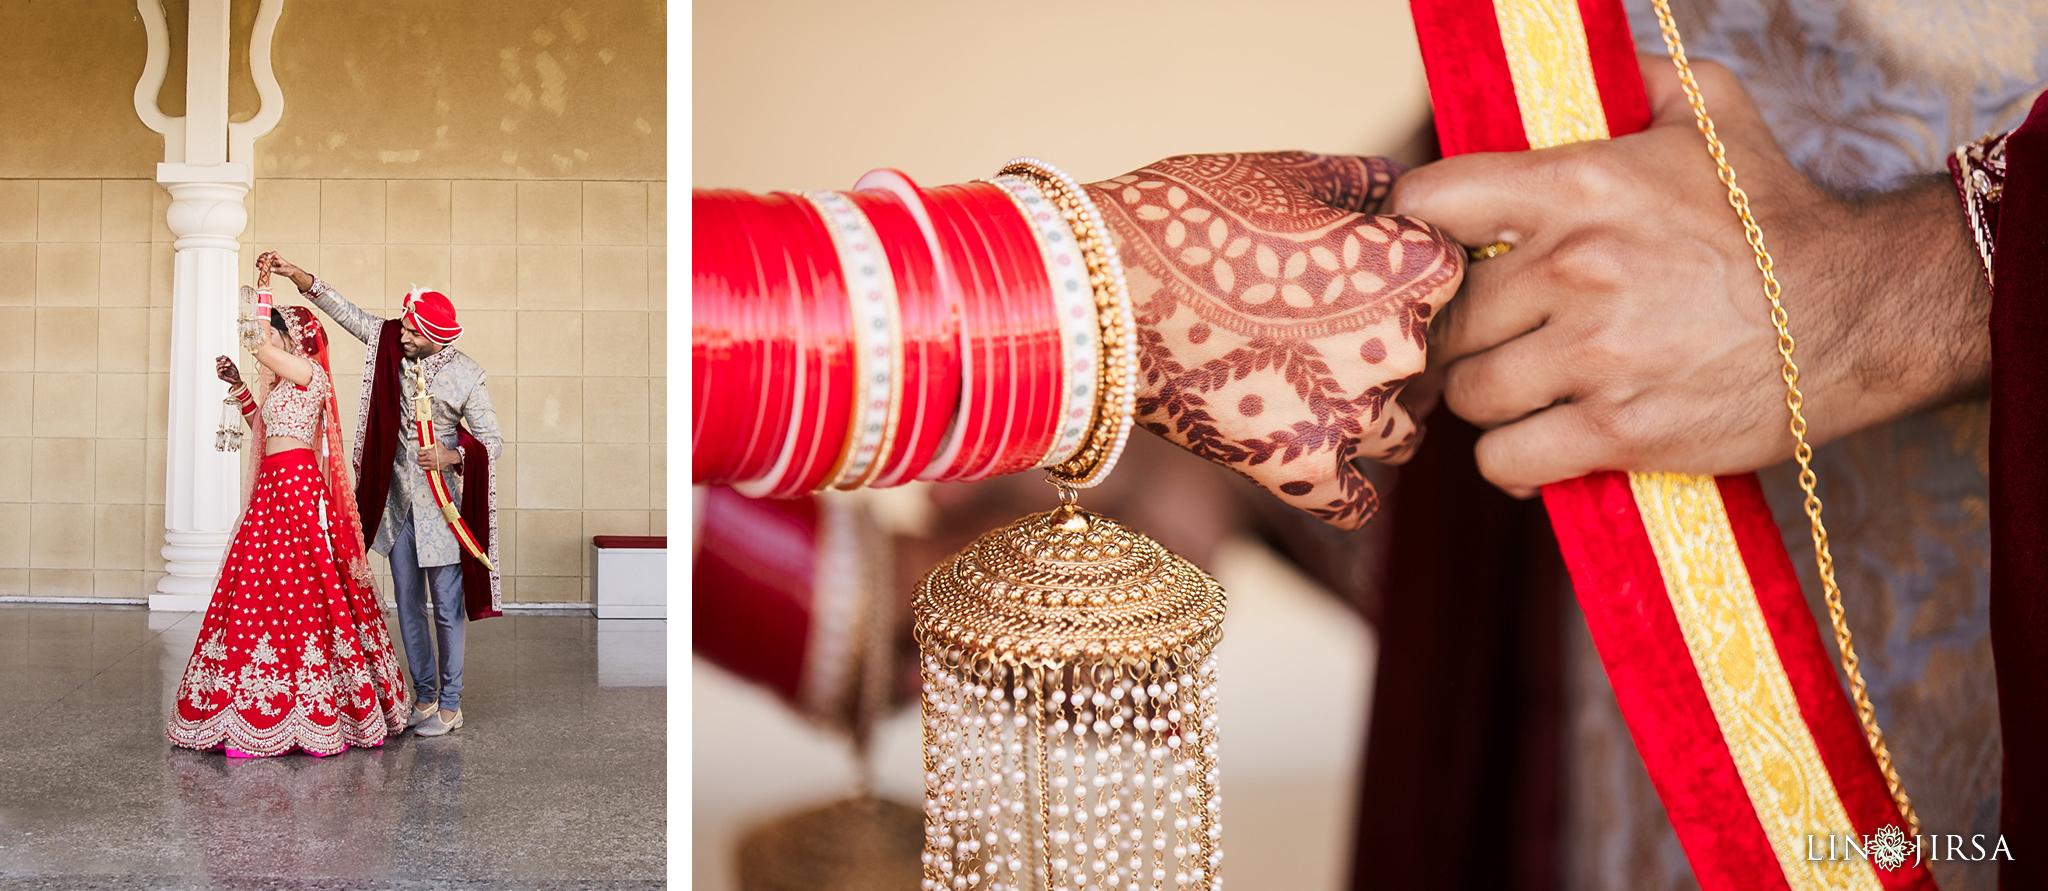 12 Sikh Gurdwara San Jose Punjabi Indian Wedding Photography